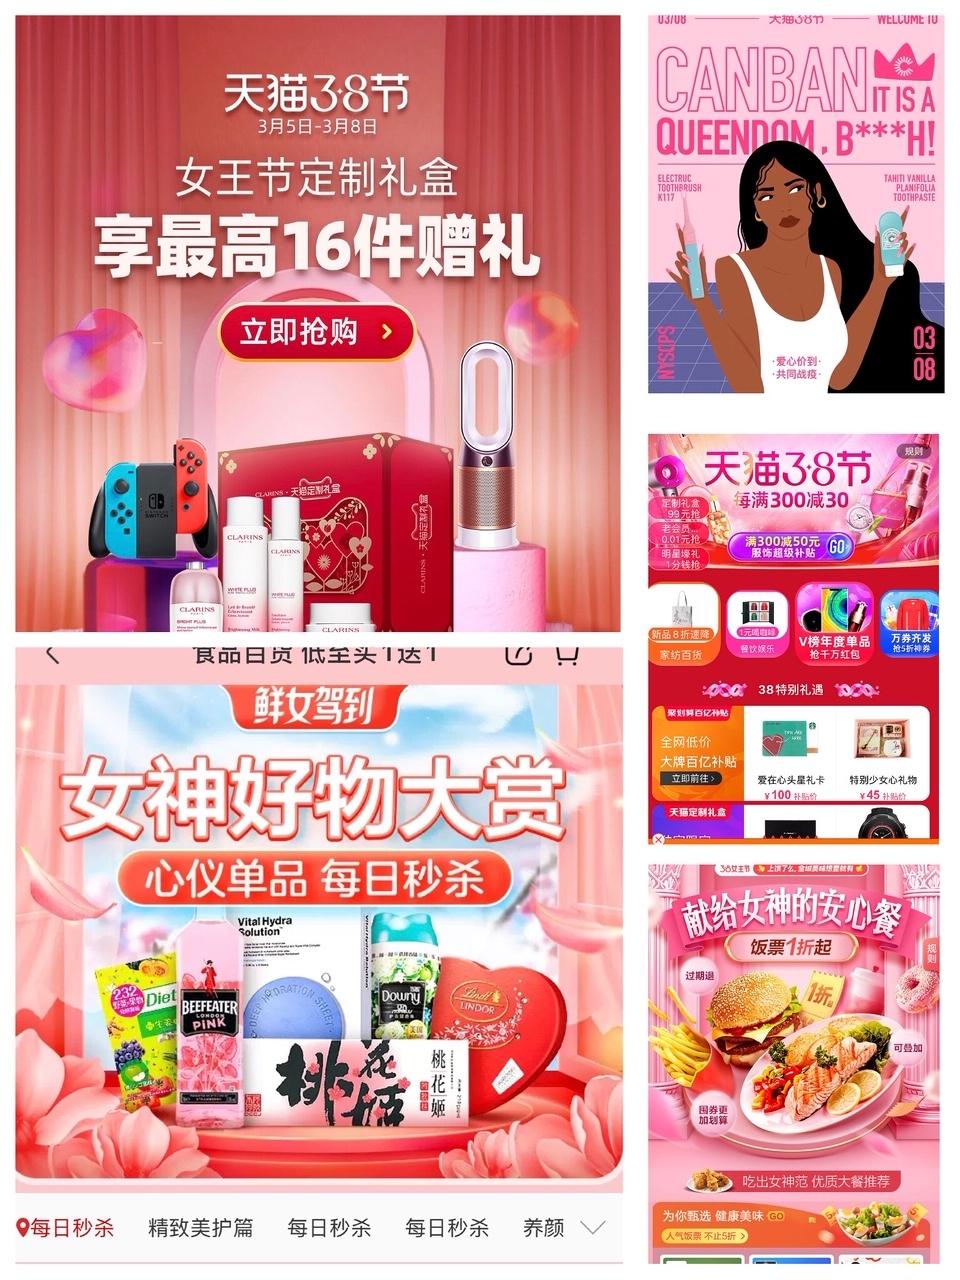 上海•今年は、オンライン商戦がメイン!の女性デー